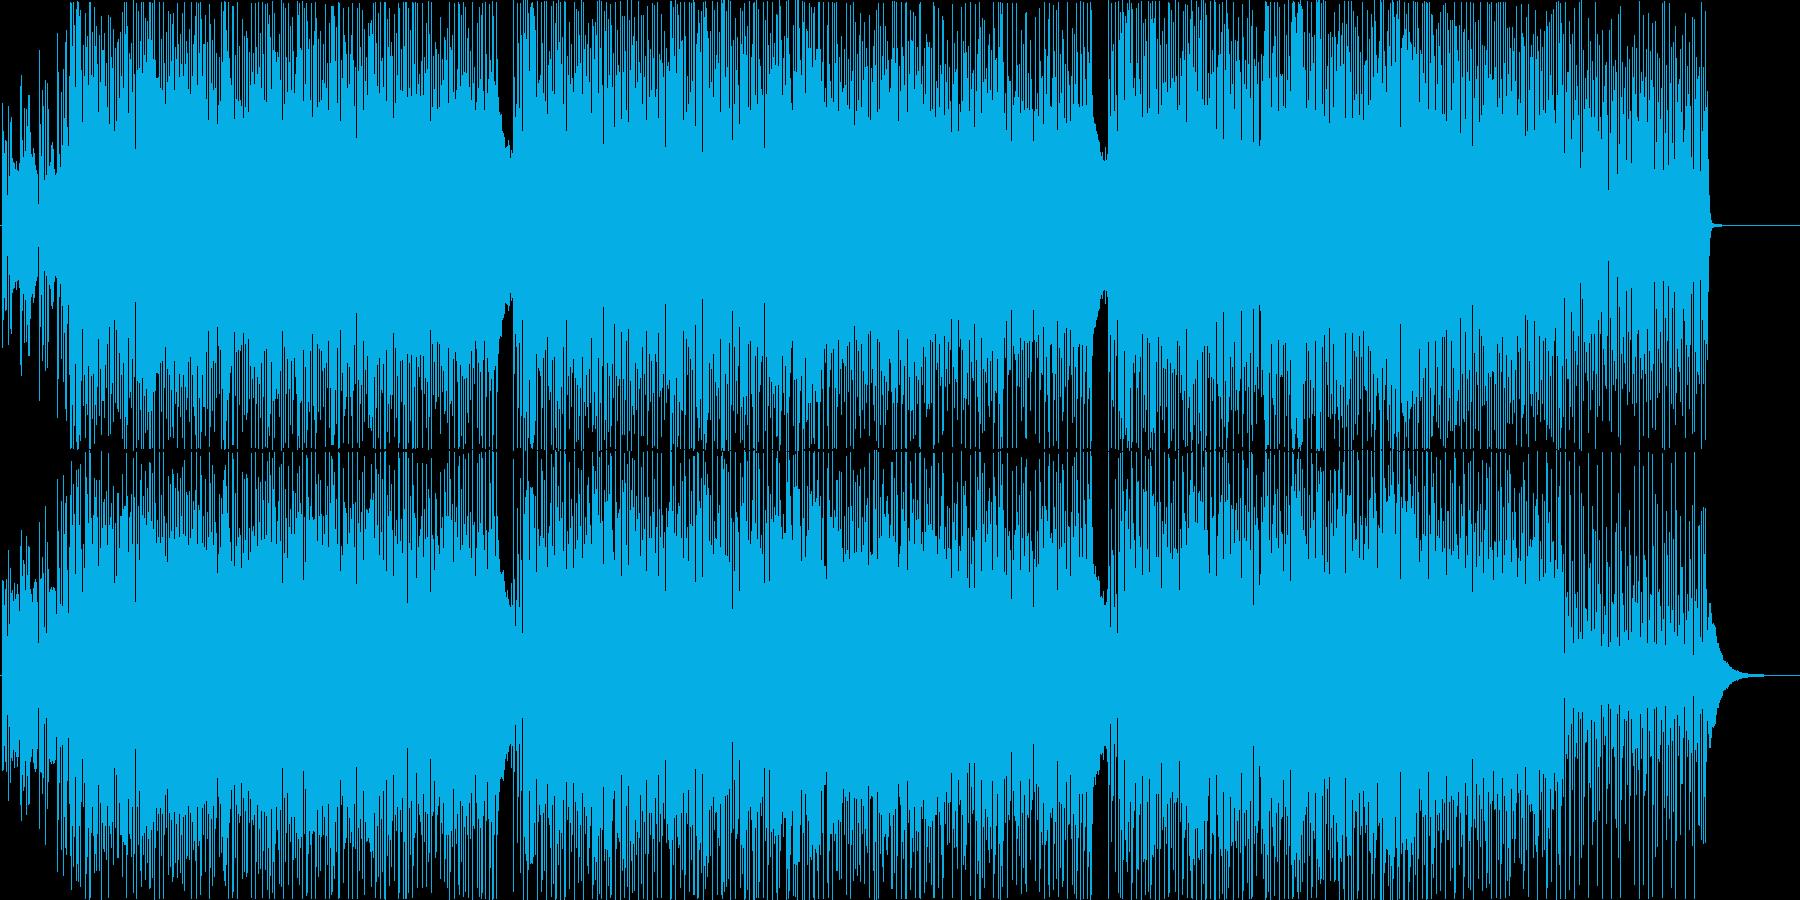 明るく楽しいハウス系ダンス曲の再生済みの波形